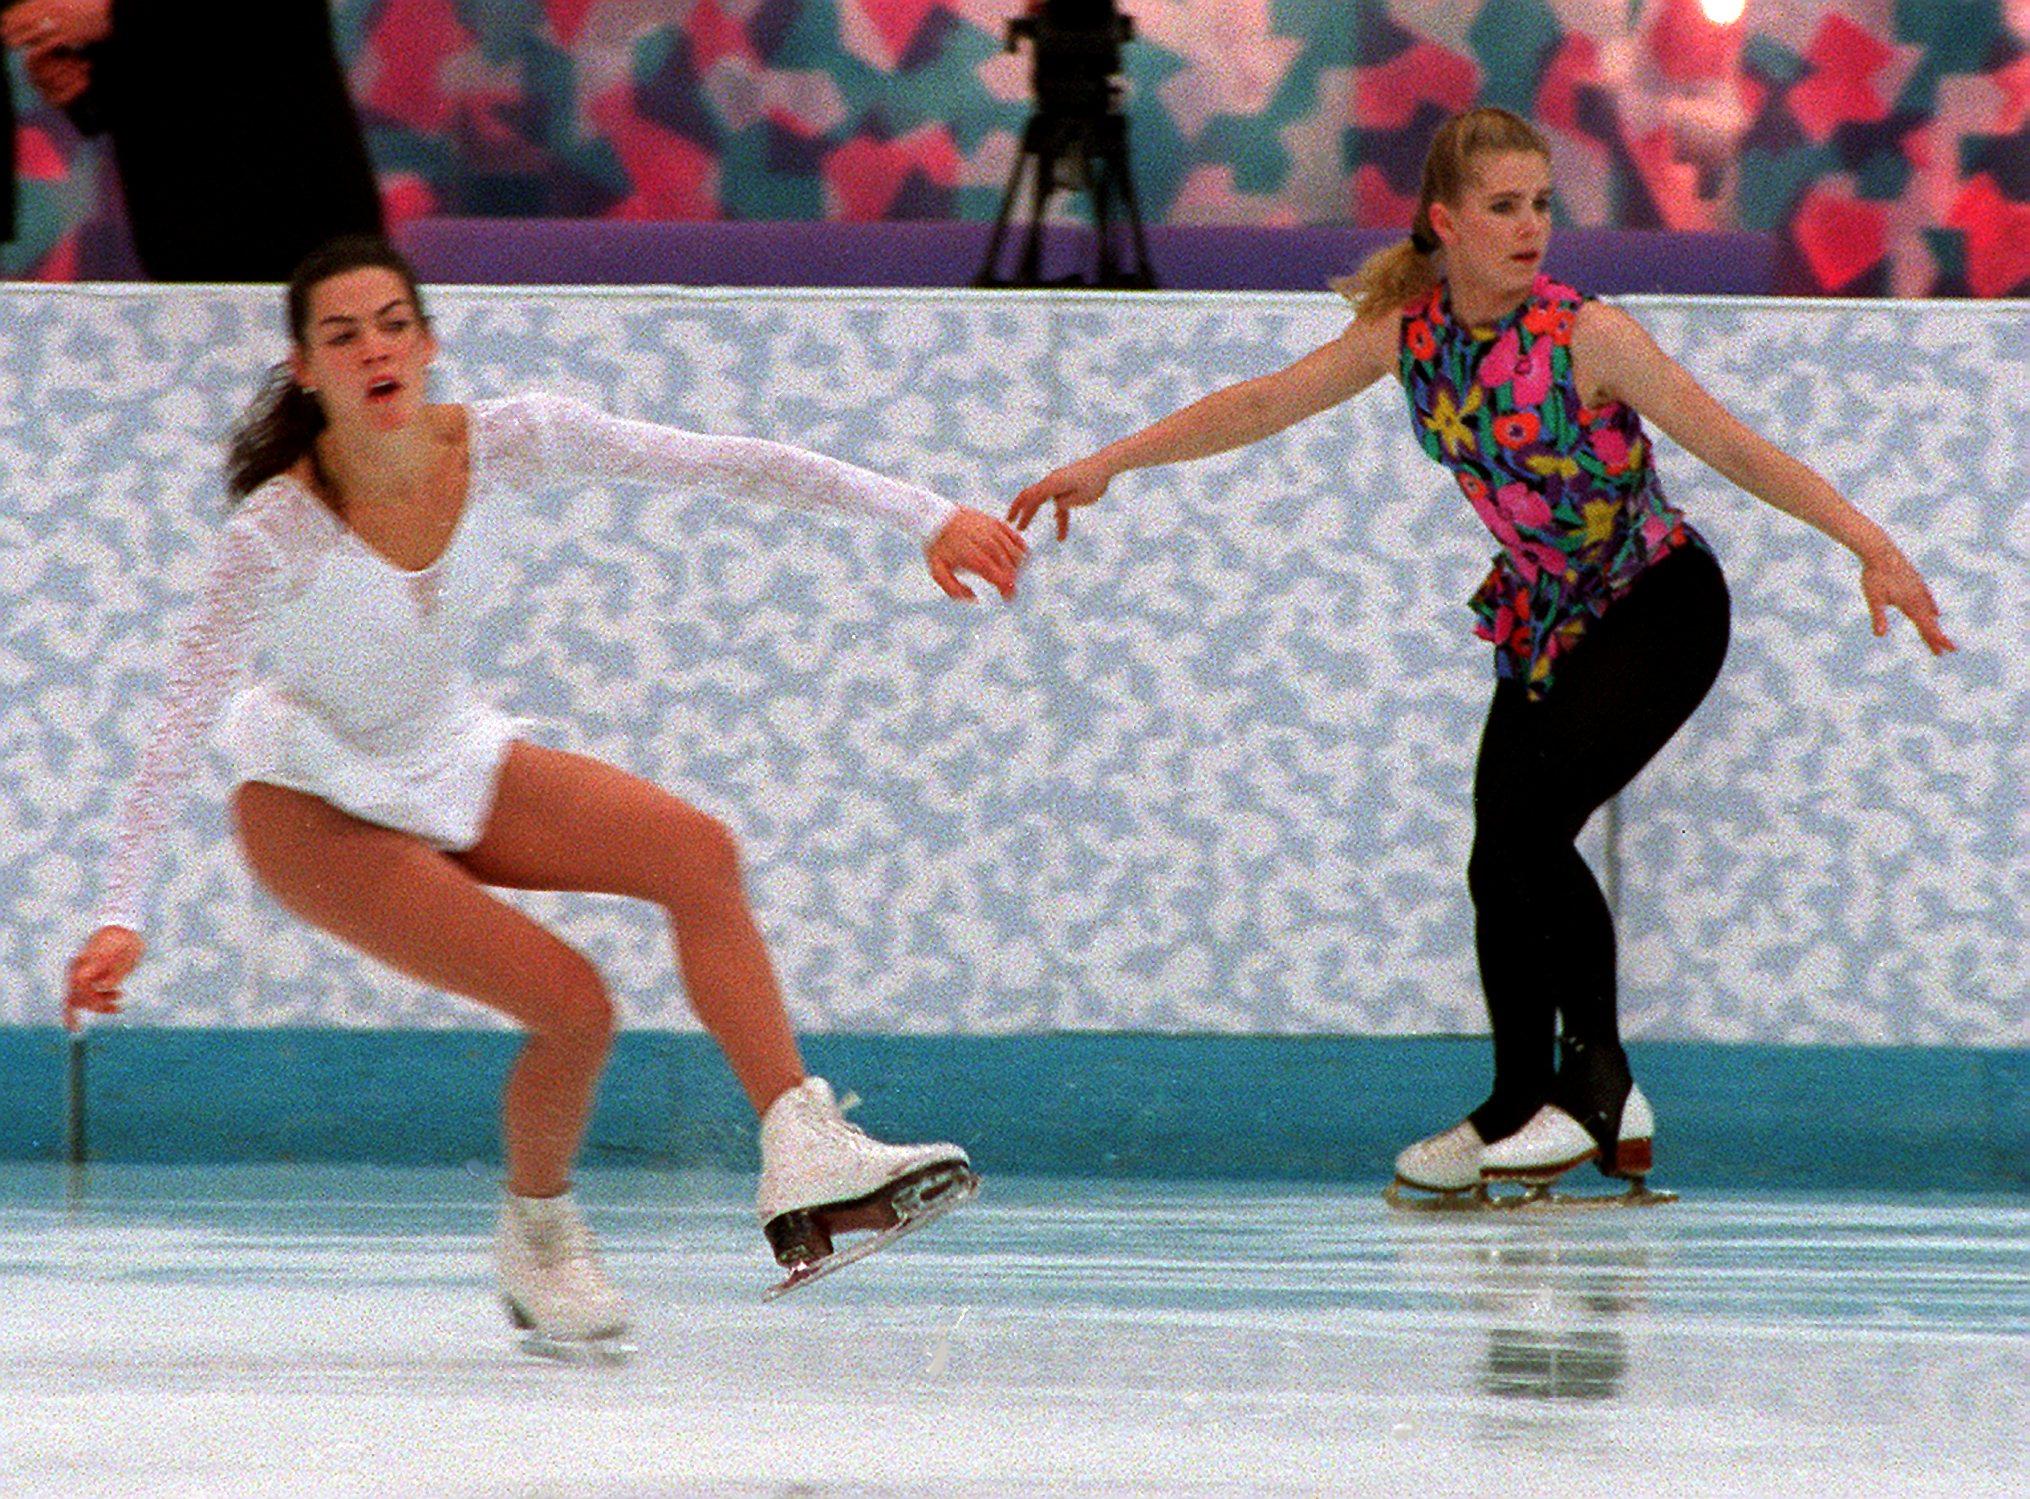 Tonya Harding And Nancy Kerrigan At Skating Practice